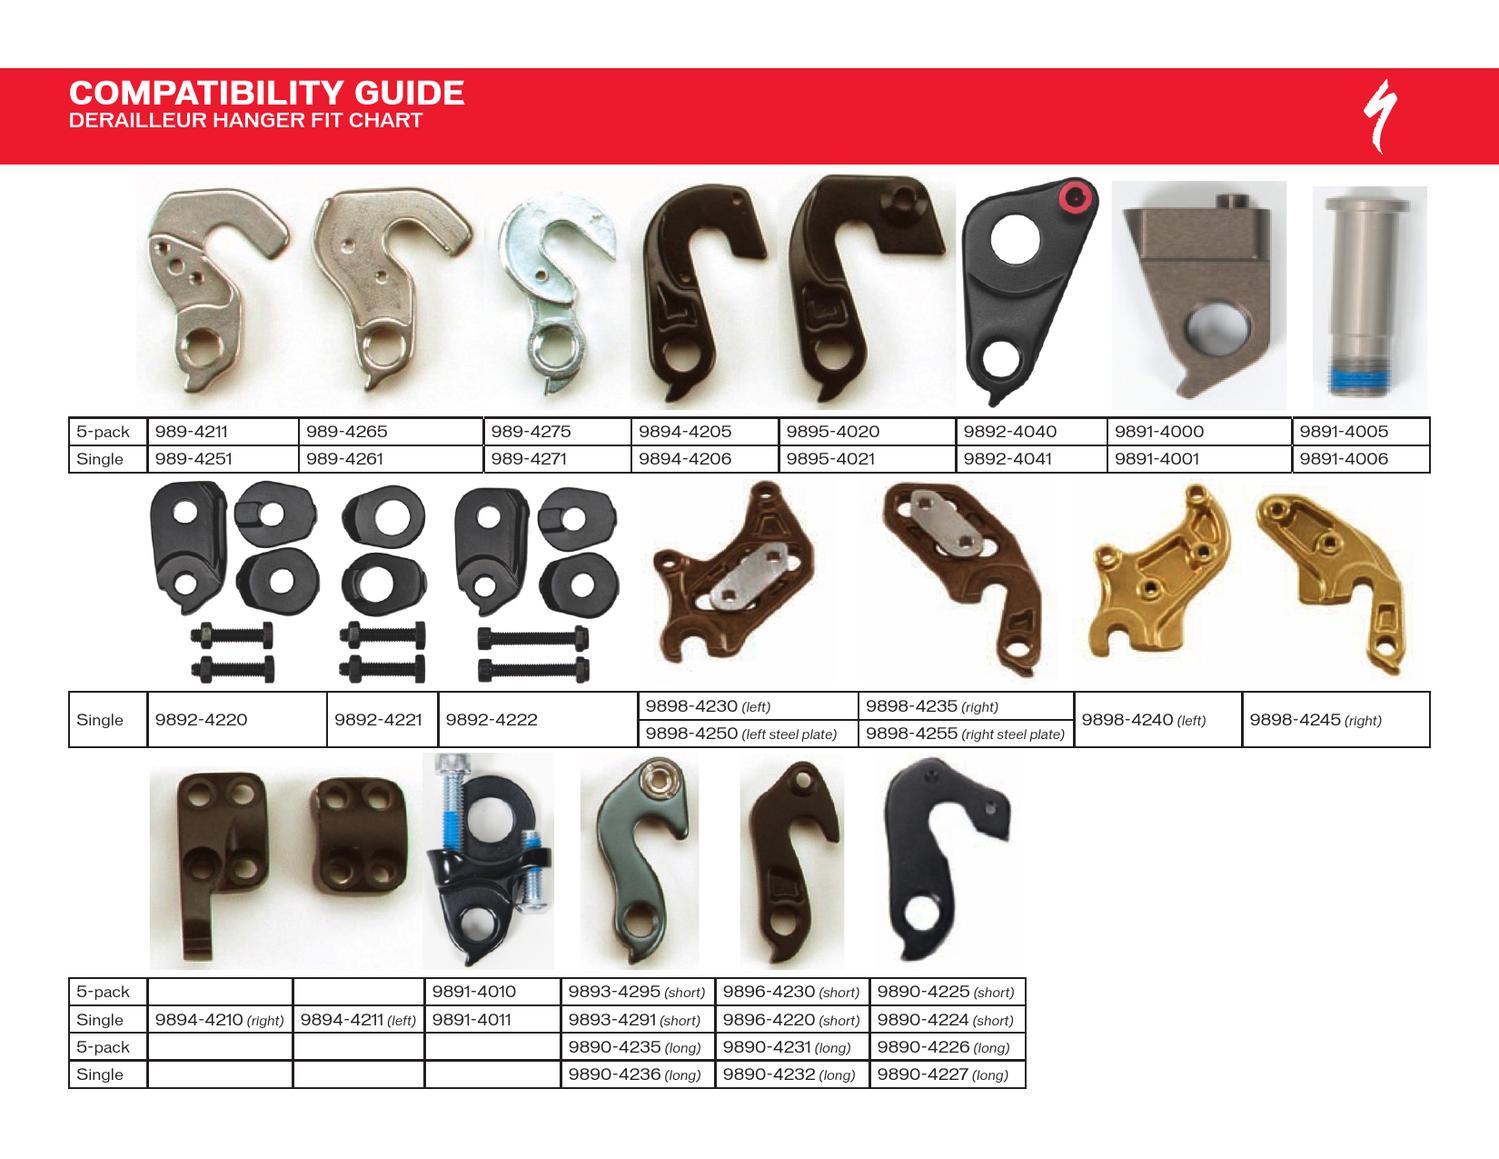 Guía de compatibilidad de punteras Specialized by